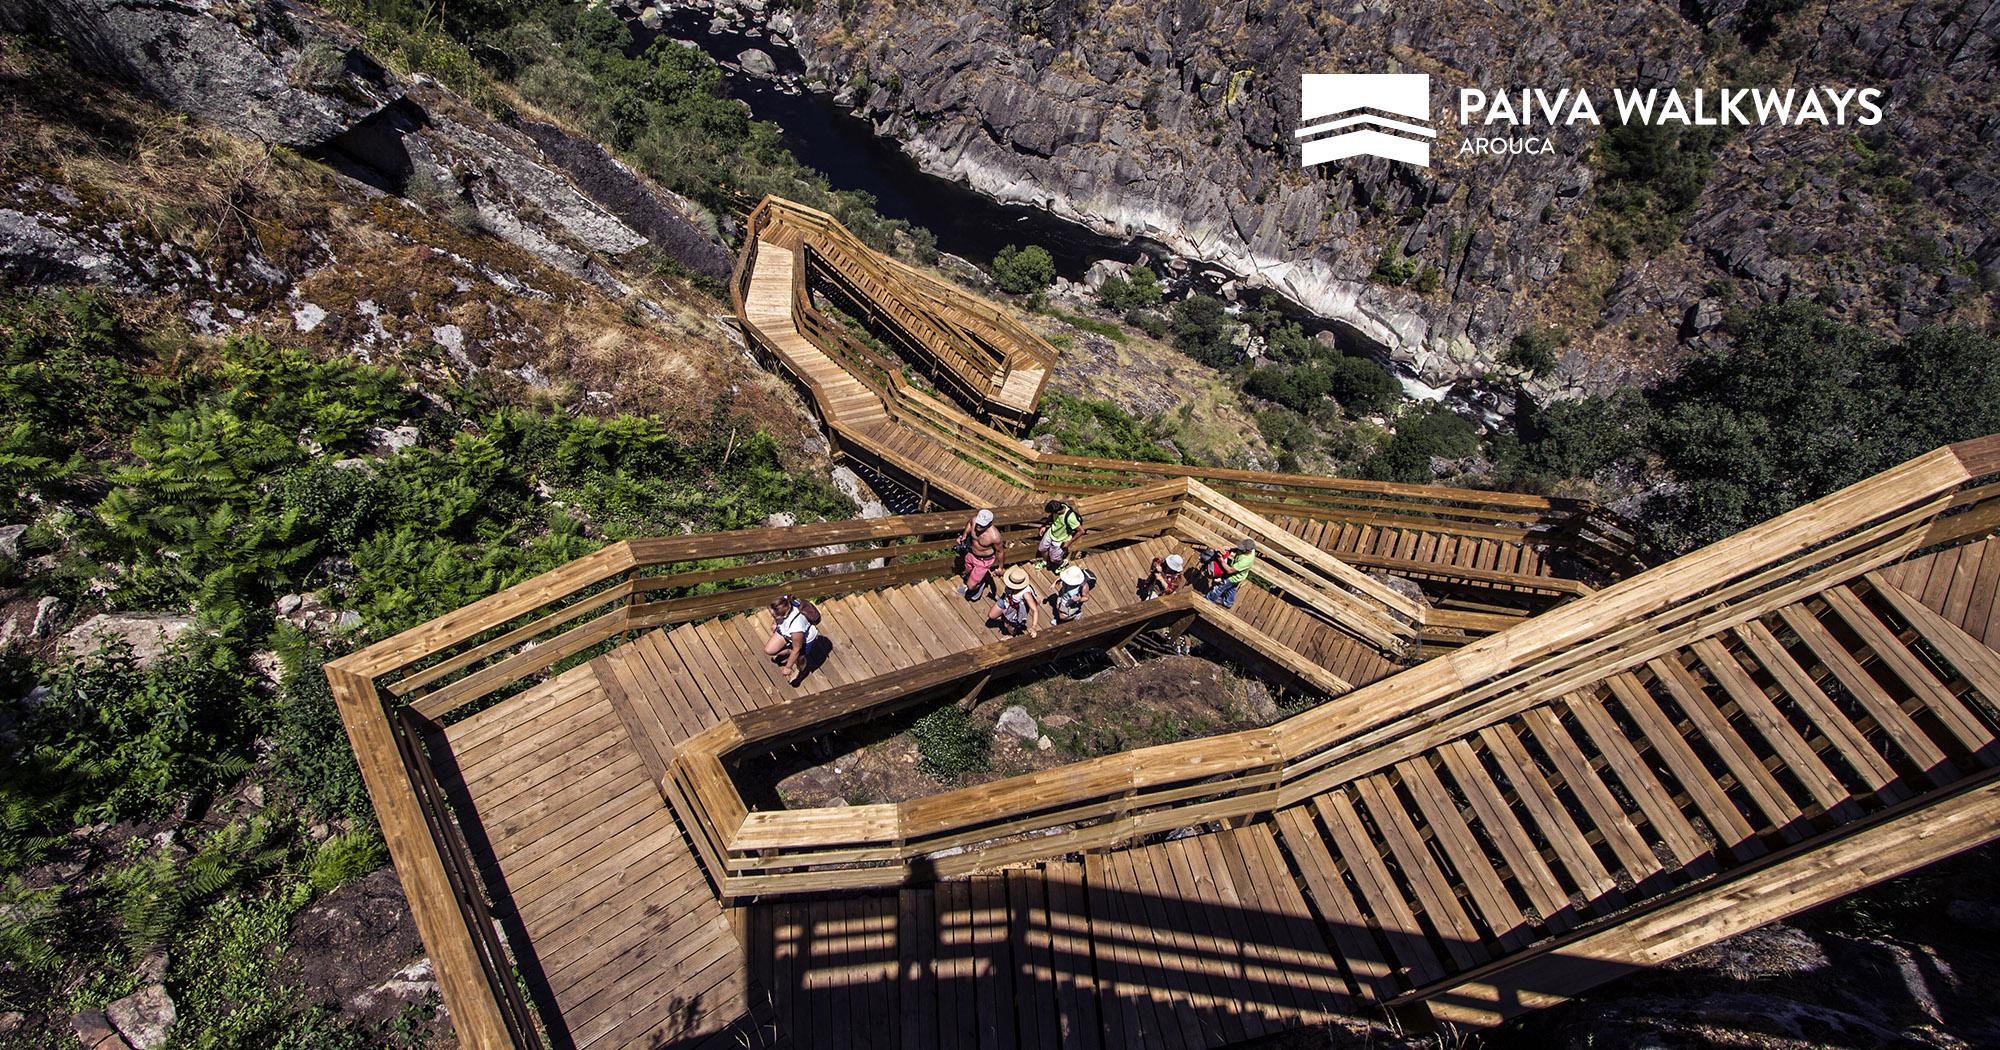 Les Passadiços du Paiva, un parcours au Portugal.